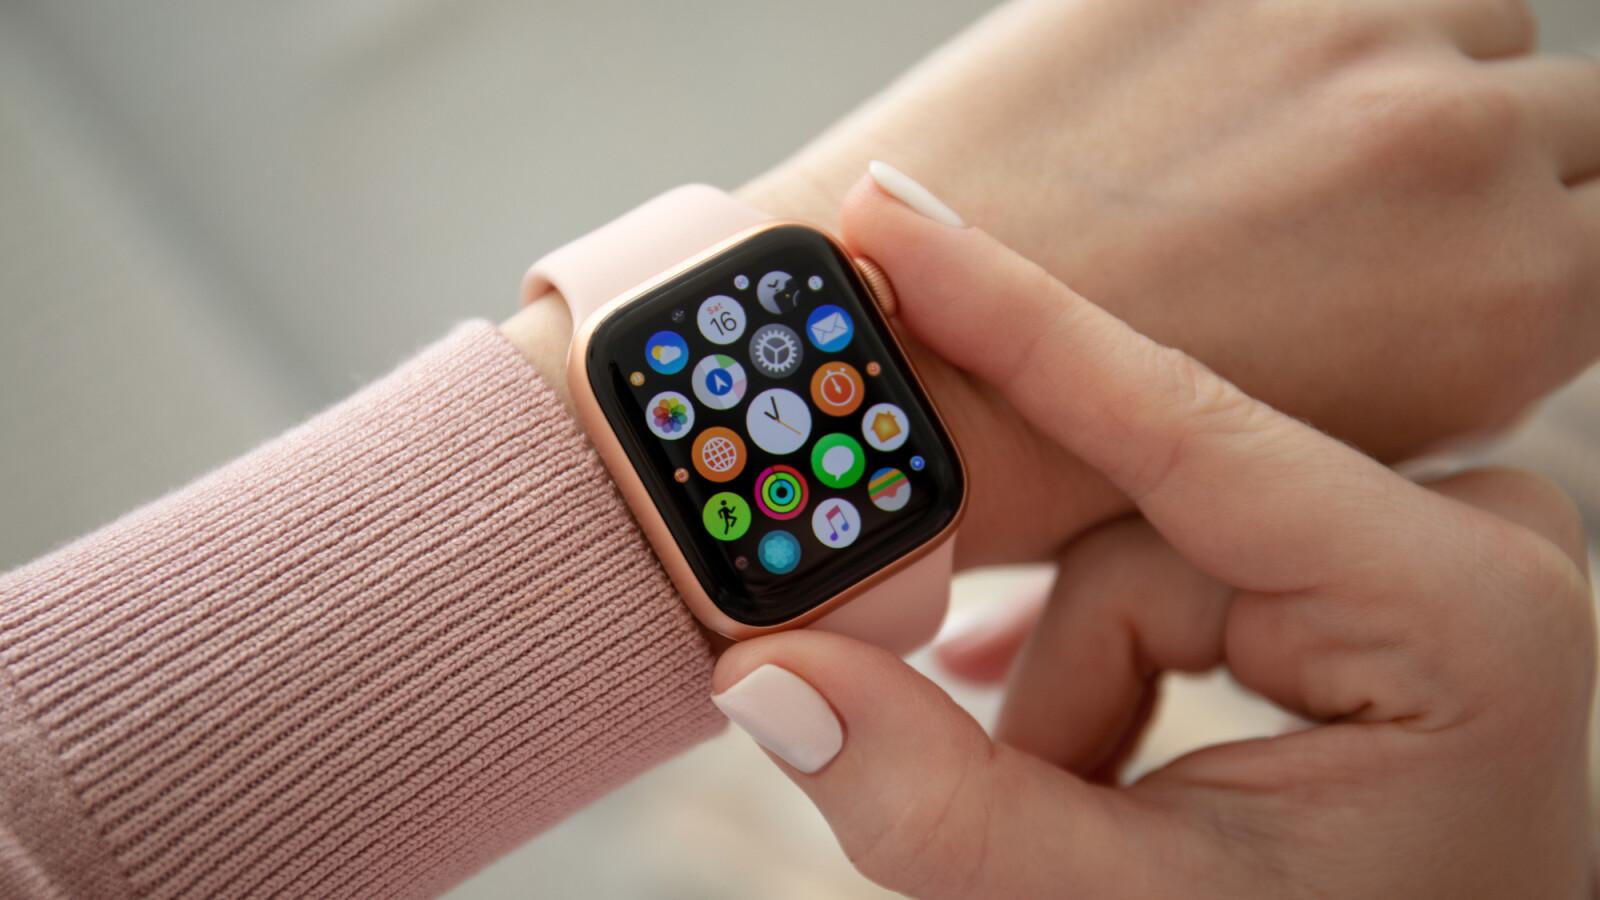 Apple Watch erkennt Corona: Forscher entdecken Möglichkeiten zur Infektionserkennung